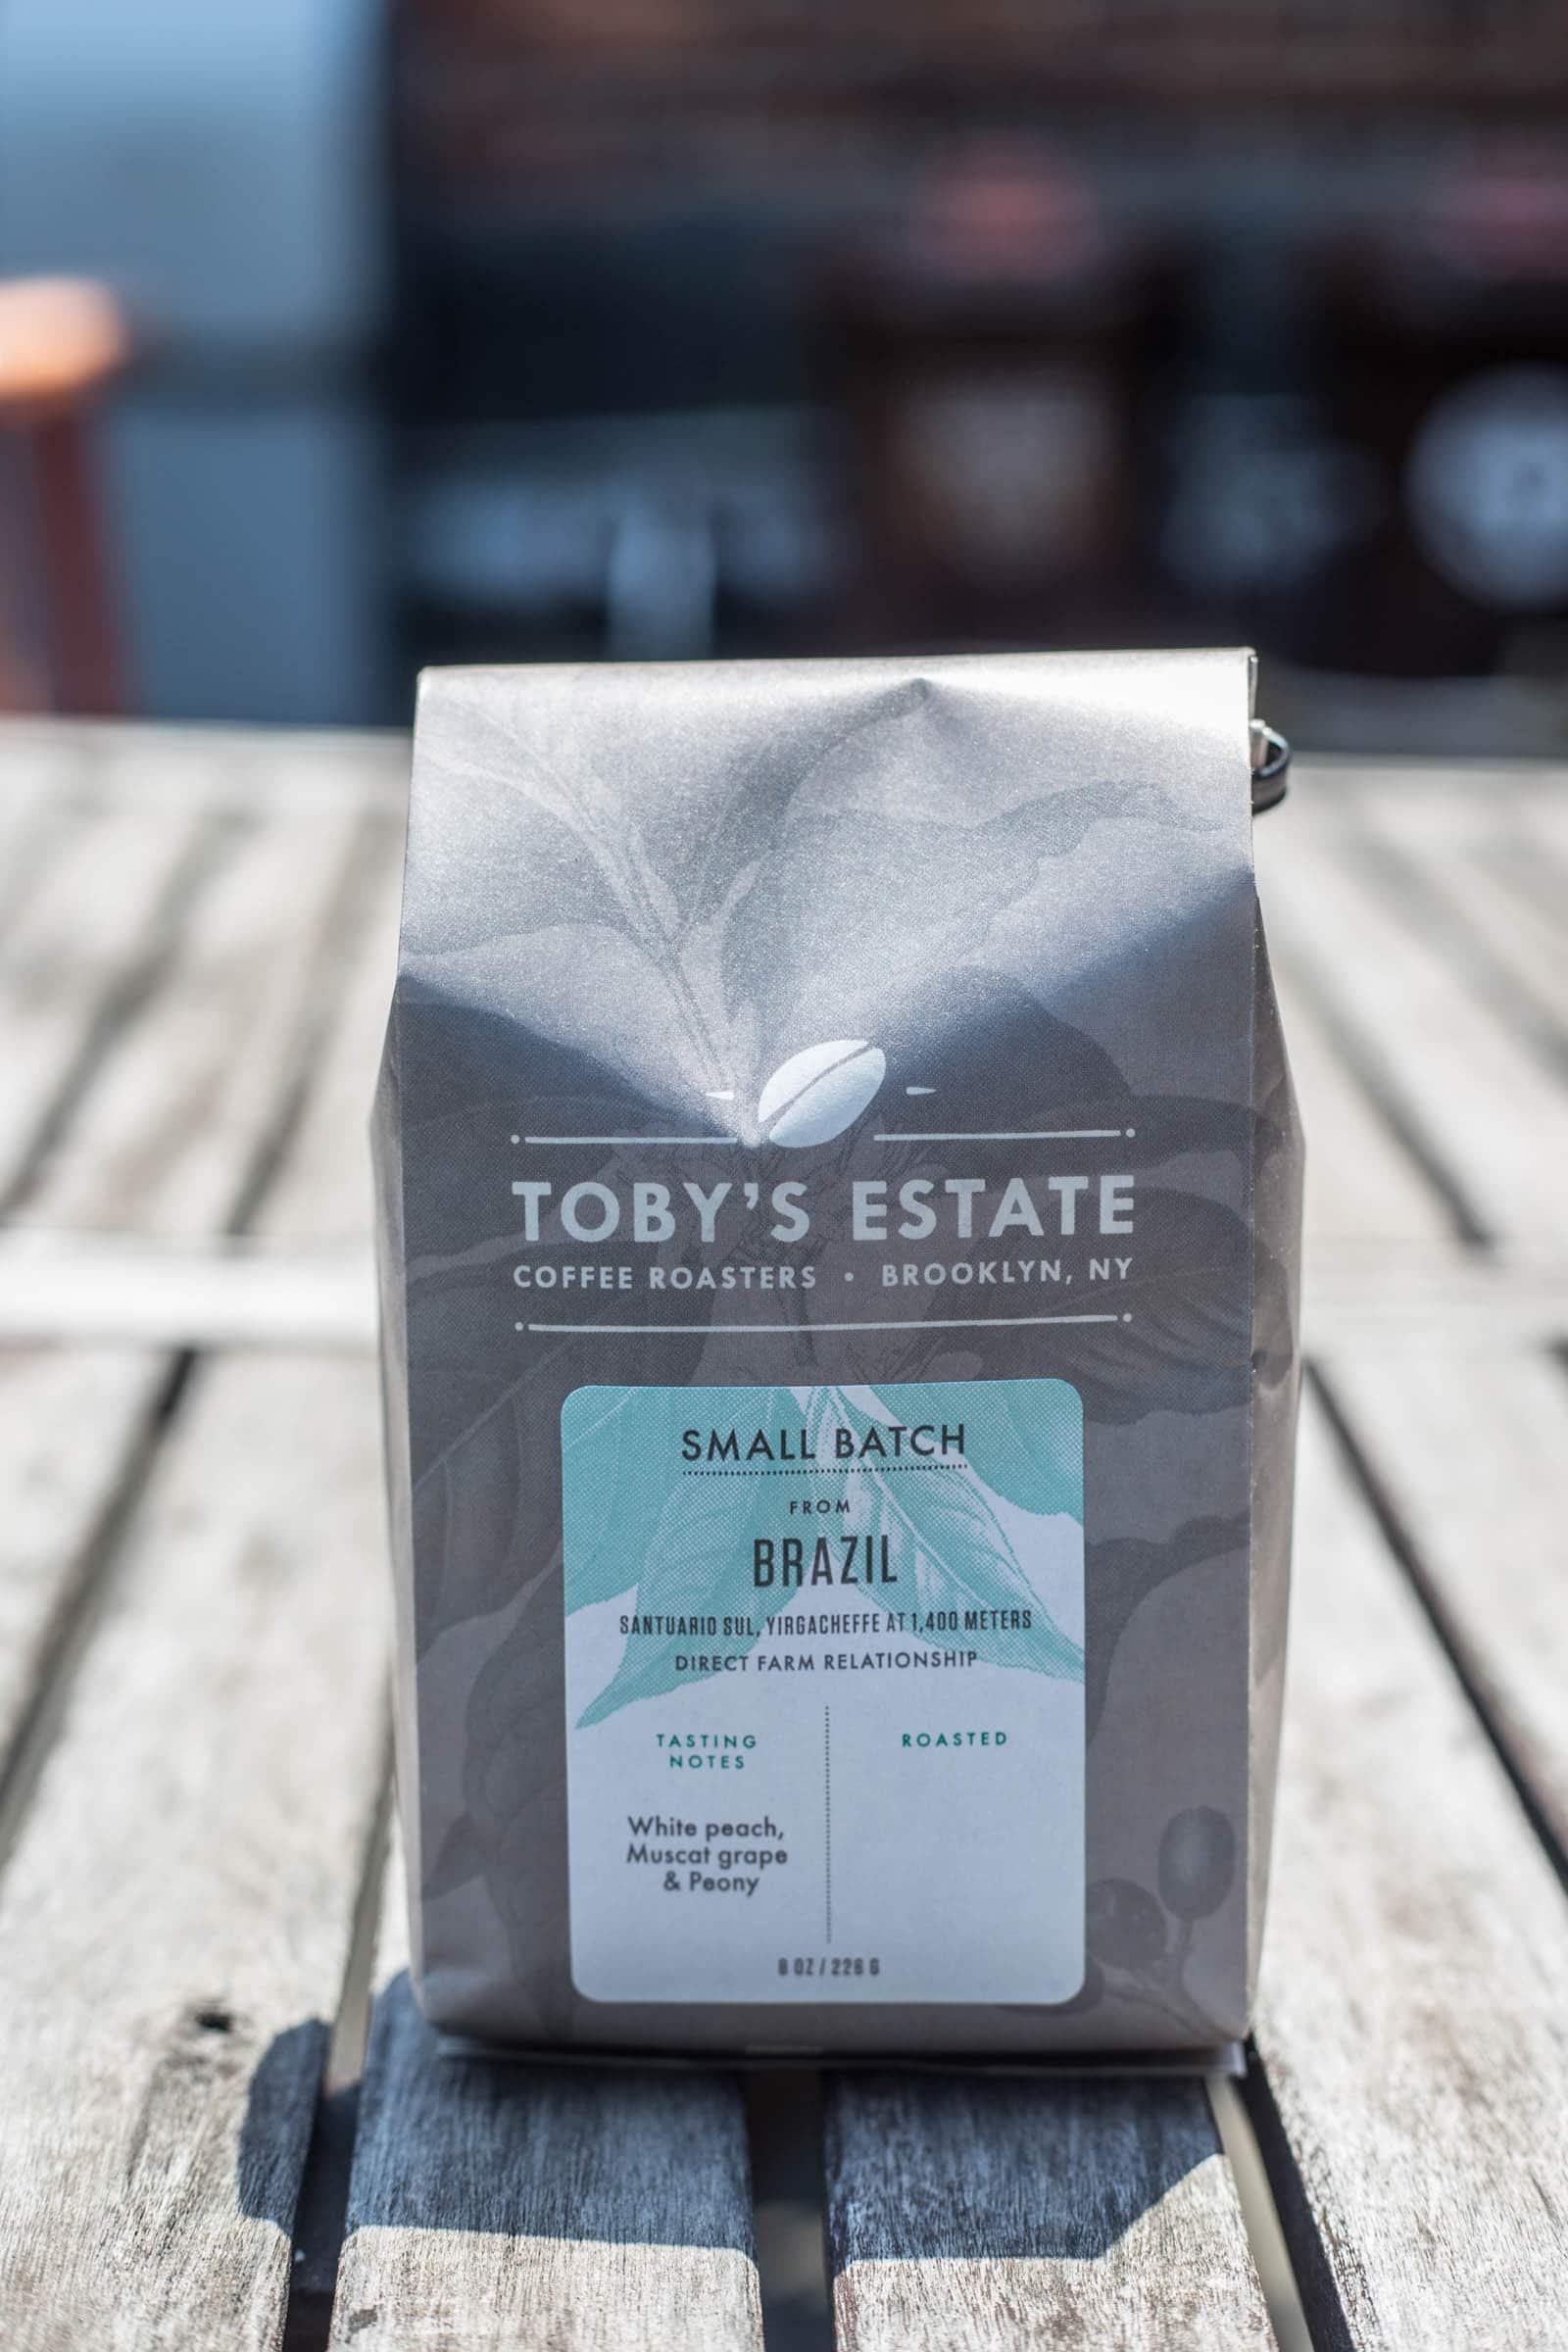 Toby's Estate Coffee Launches Santuario Sul